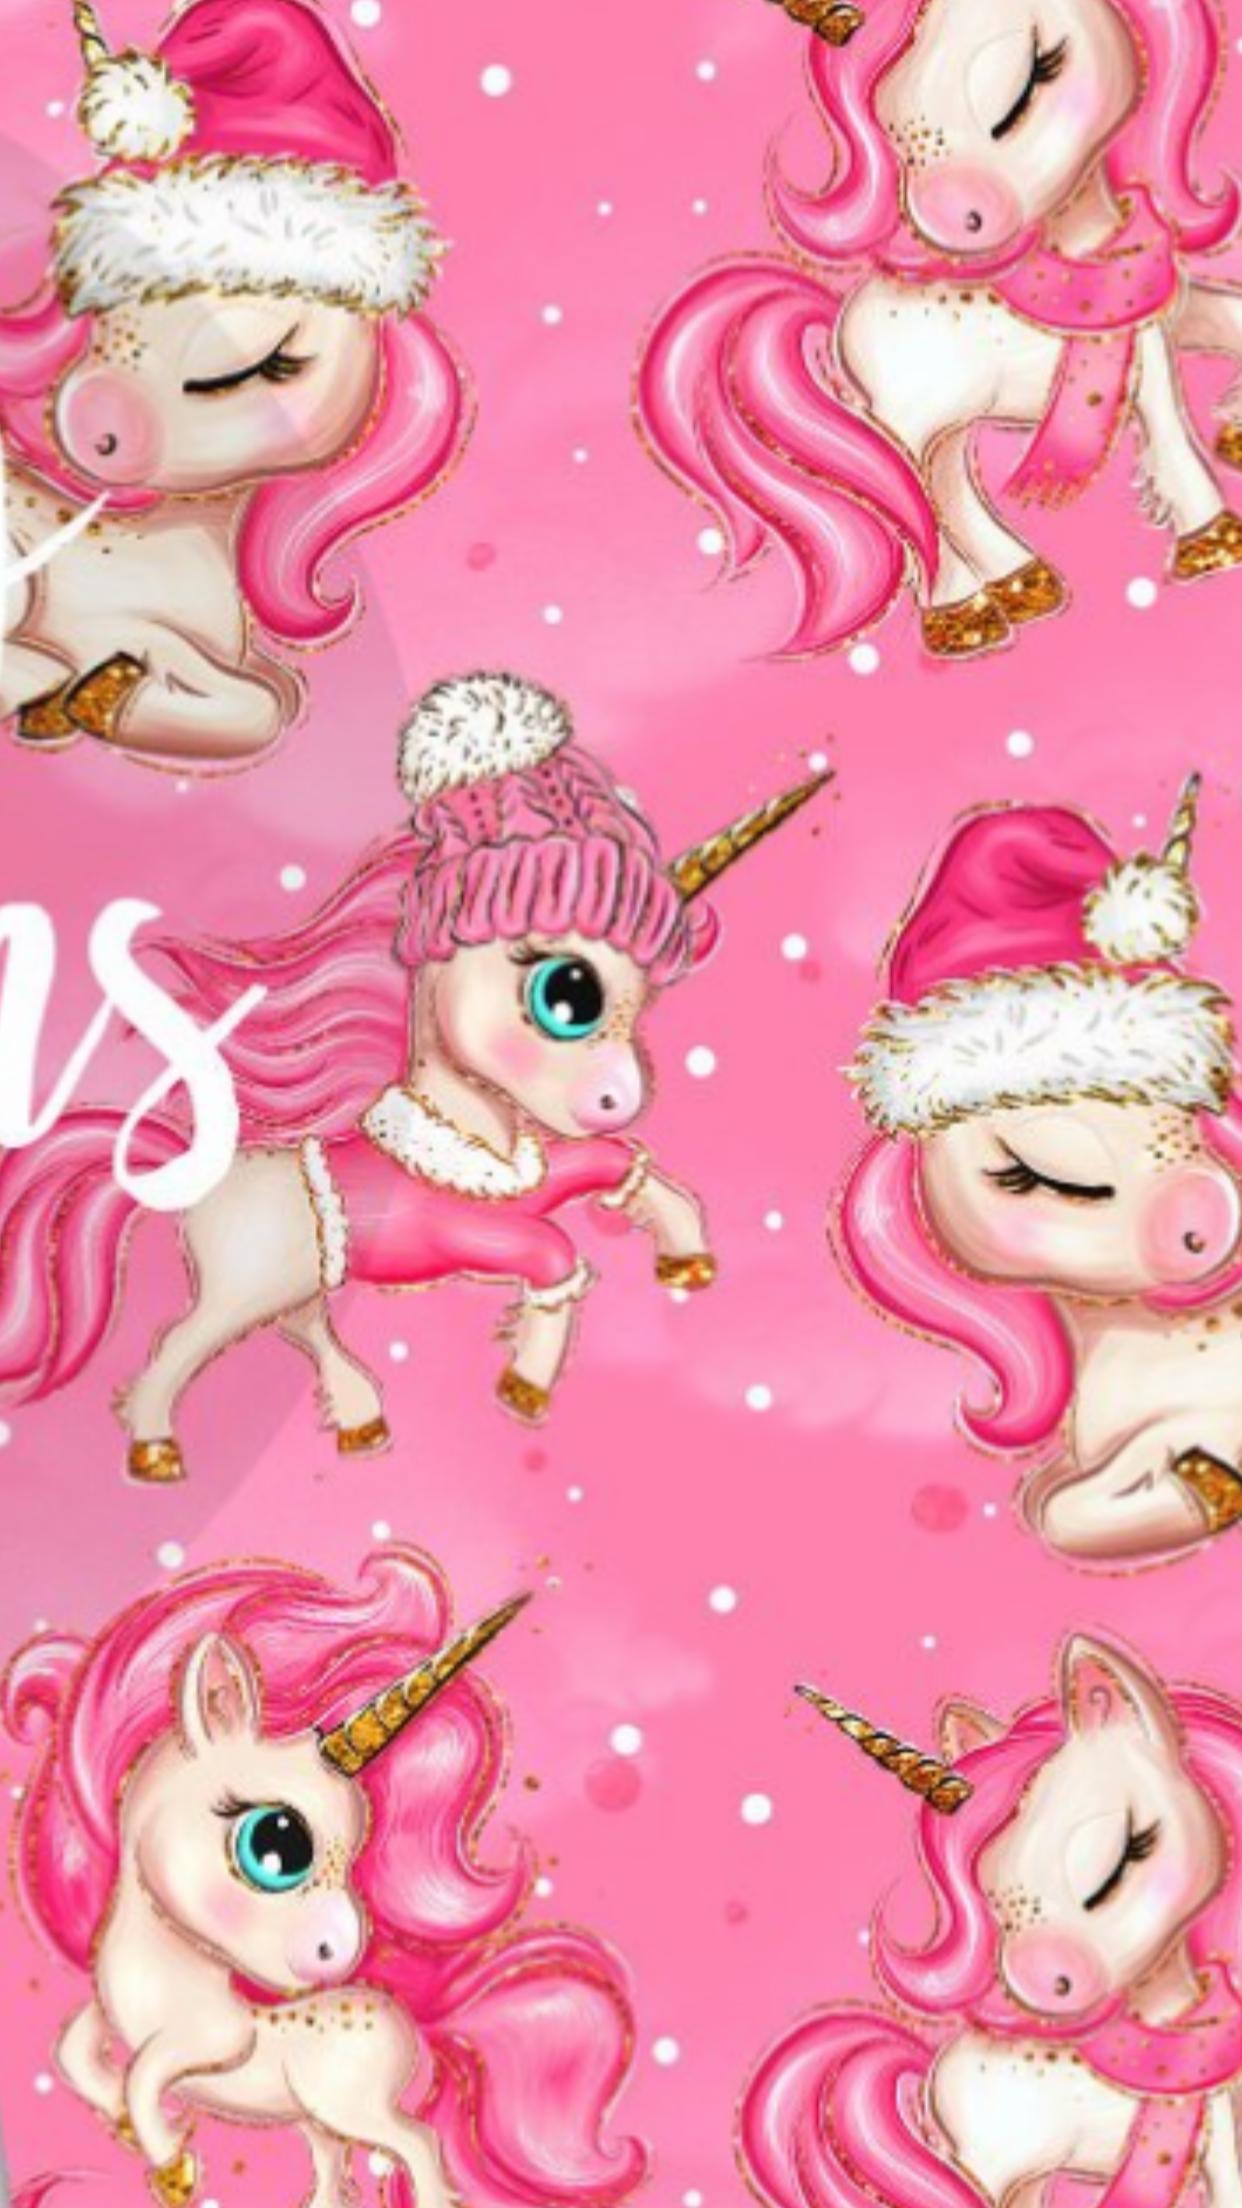 Pin Oleh Dany Di Wallpapers Iphone Wallpaper Lucu Kuda Poni Gambar